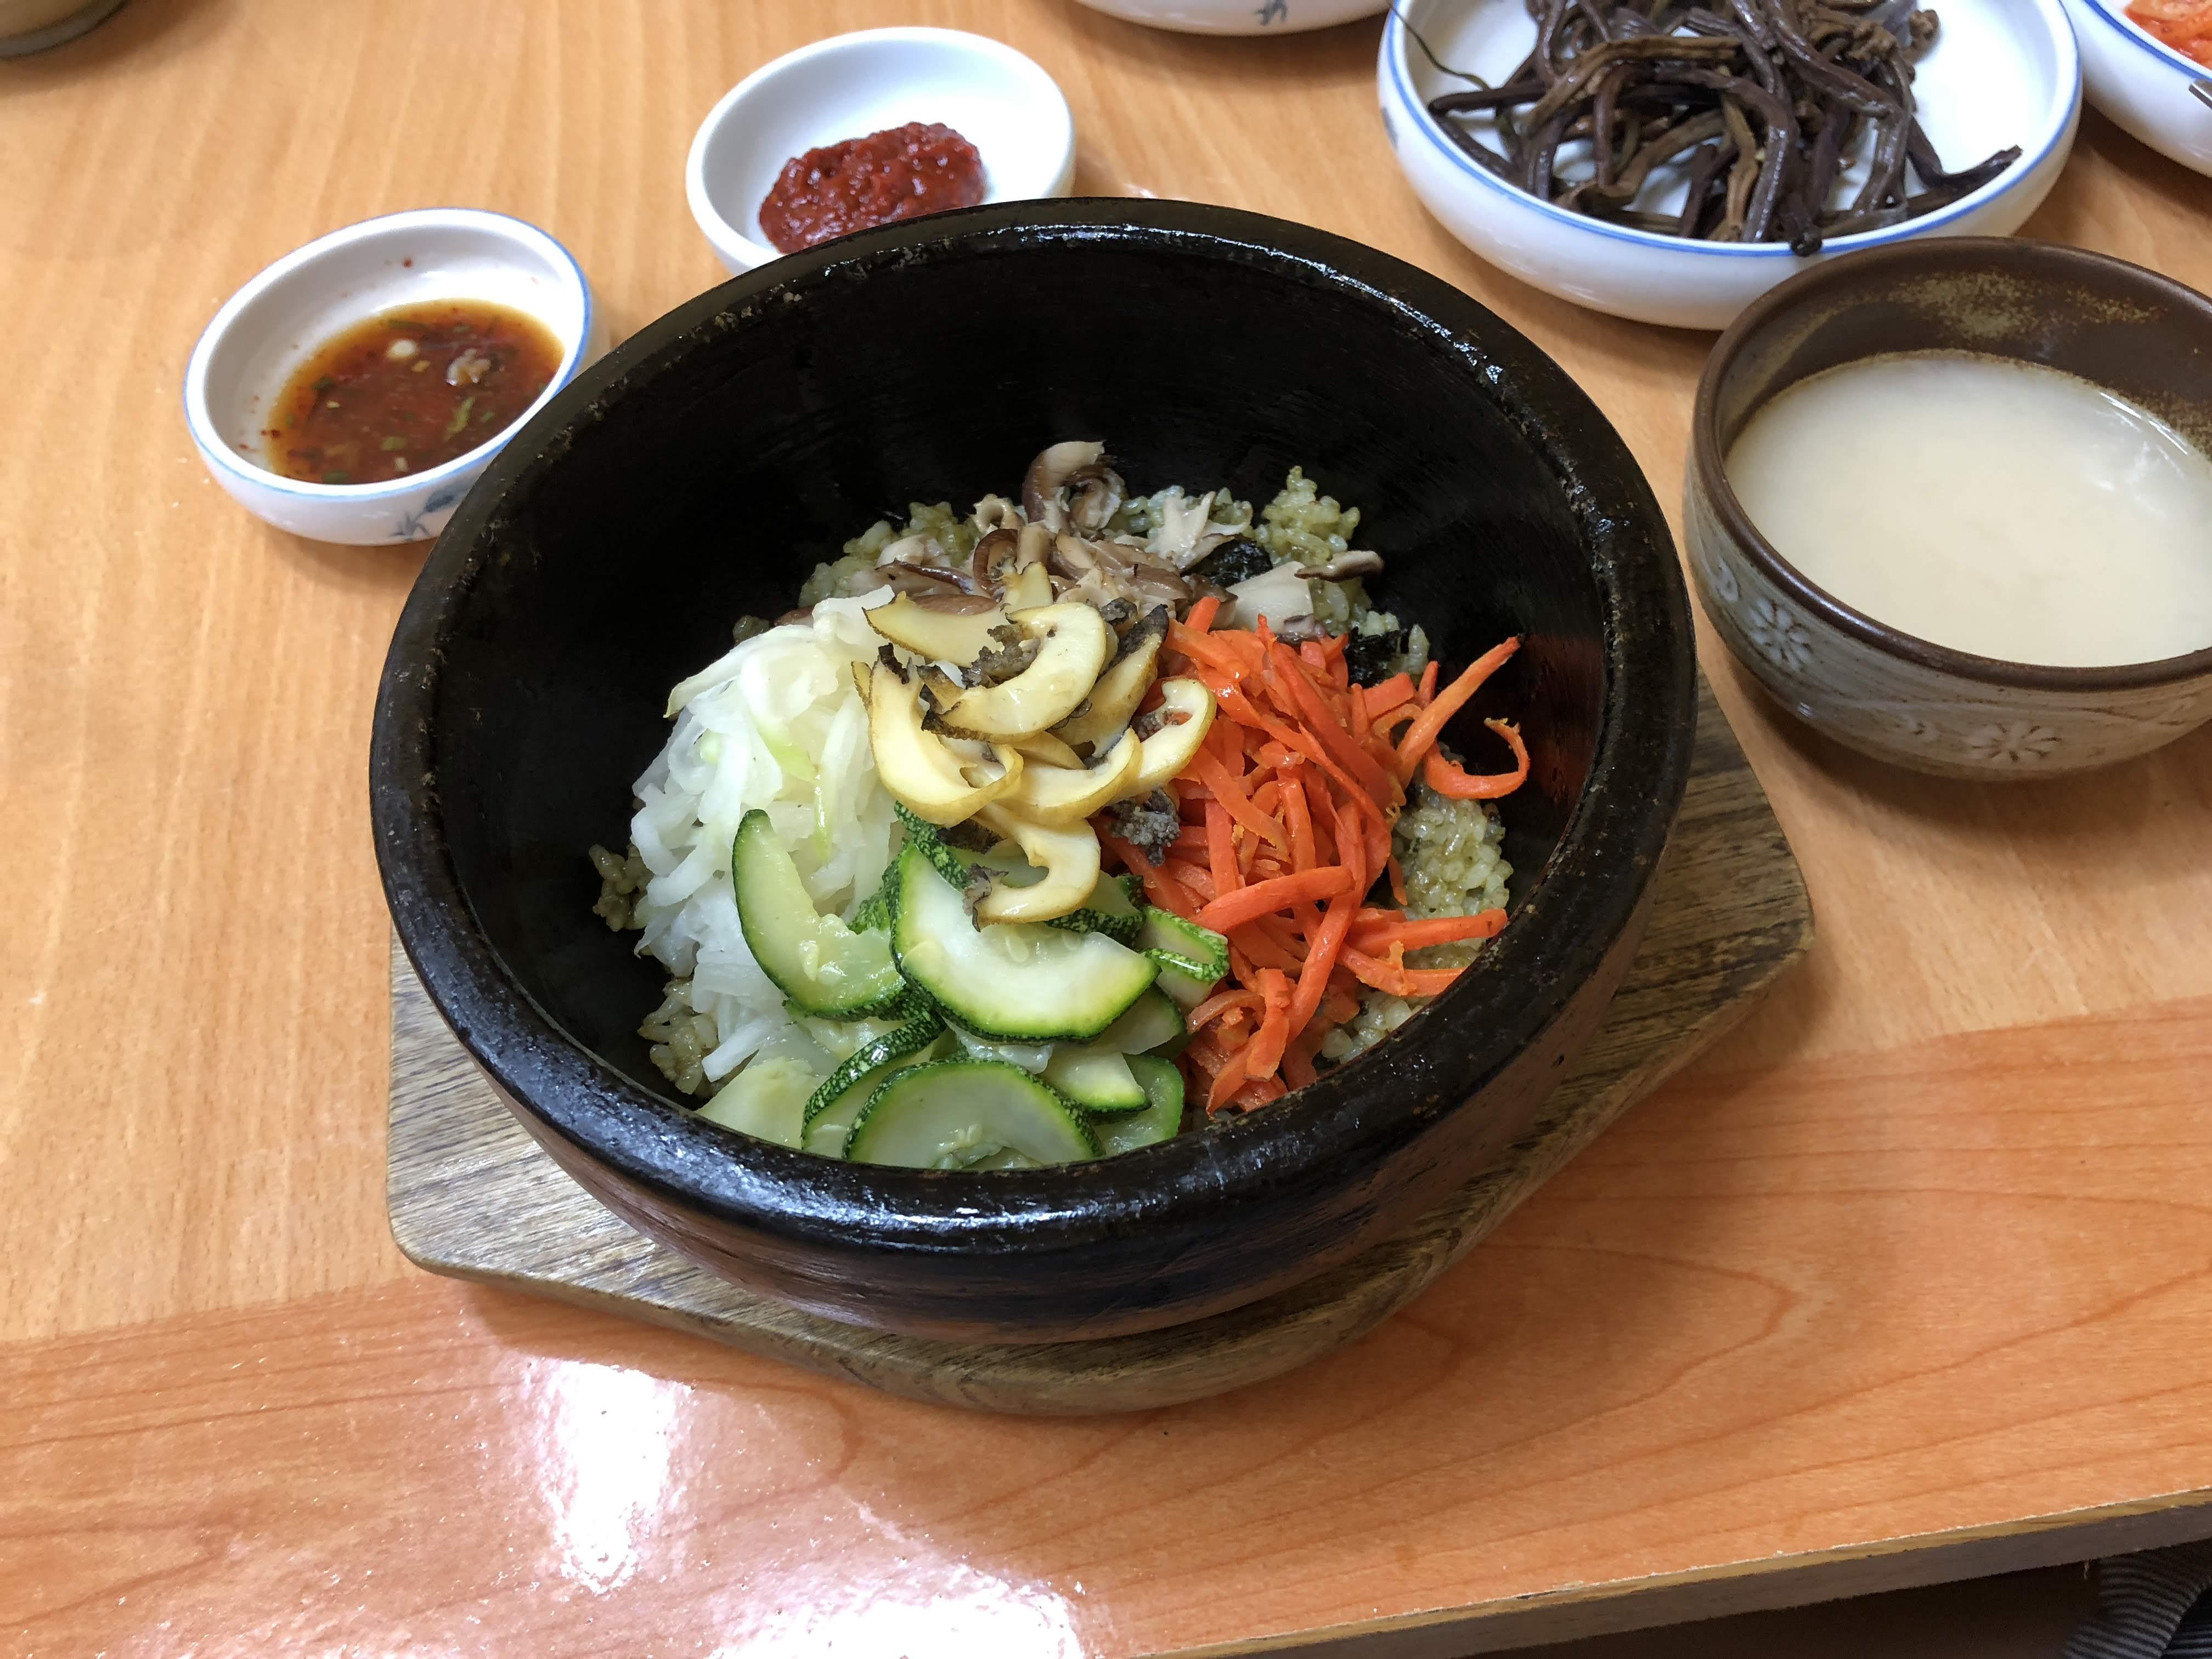 ルックJTB☆済州島3日間の食事ー2